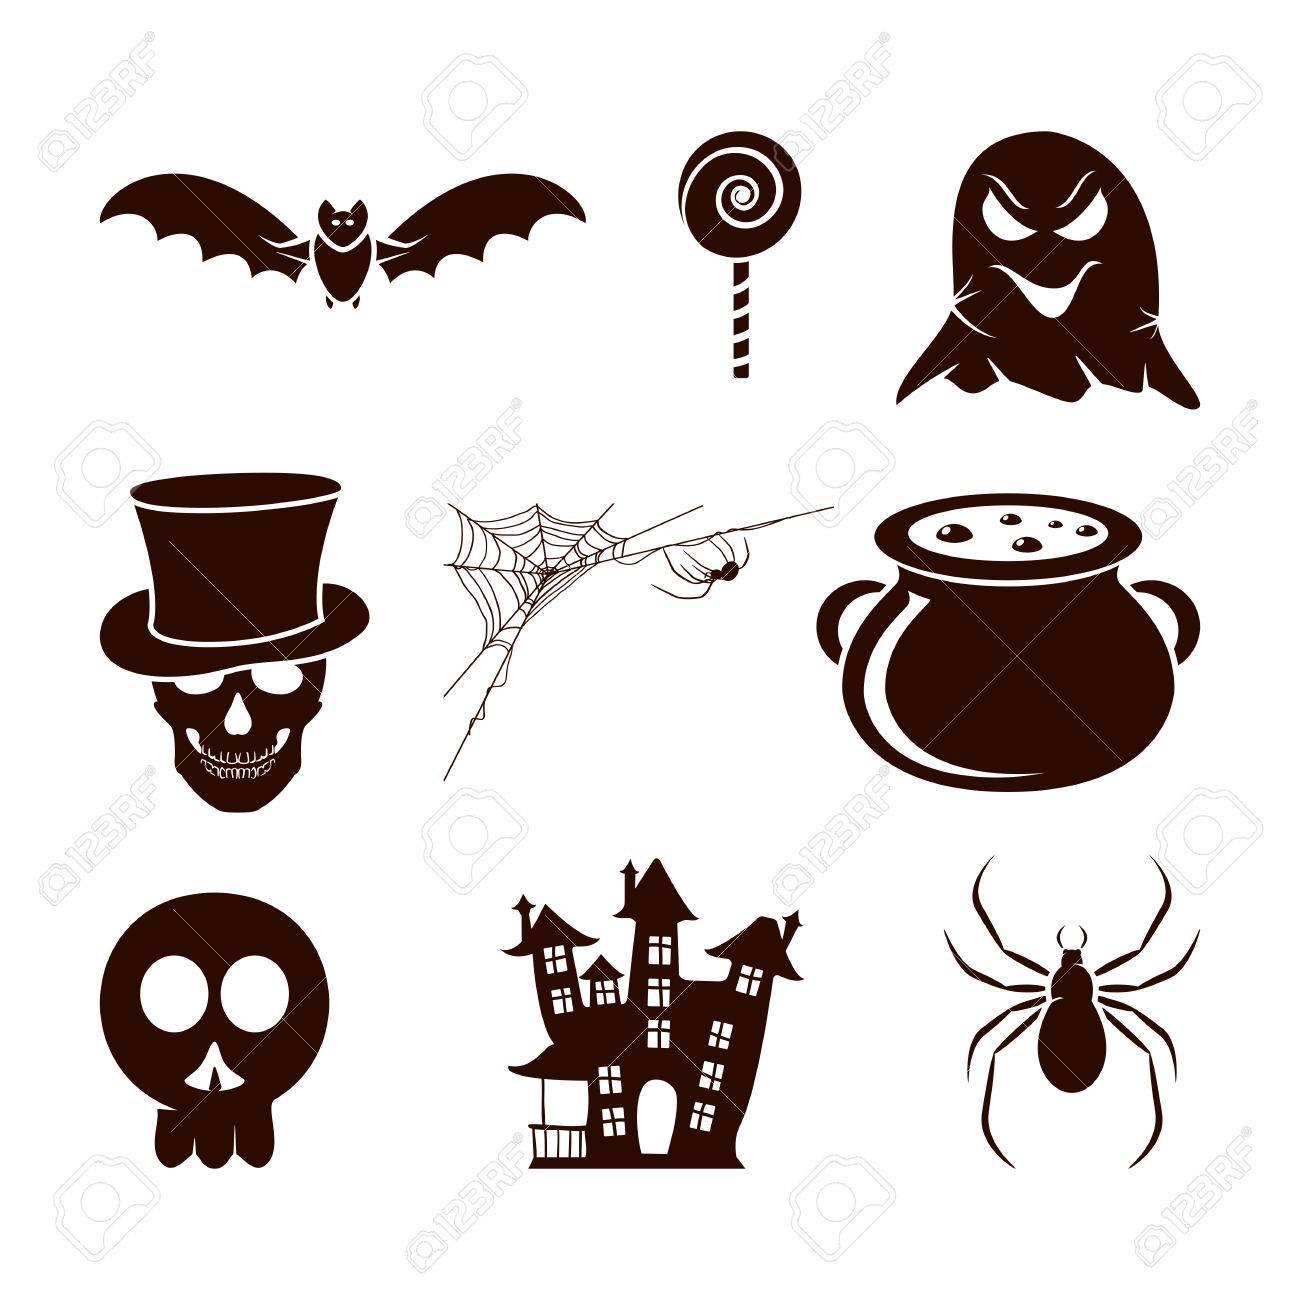 Halloween Thema.Halloween Thema Set Van Enge Pictogrammen Geisoleerd Op Een Witte Achtergrond Illustratie